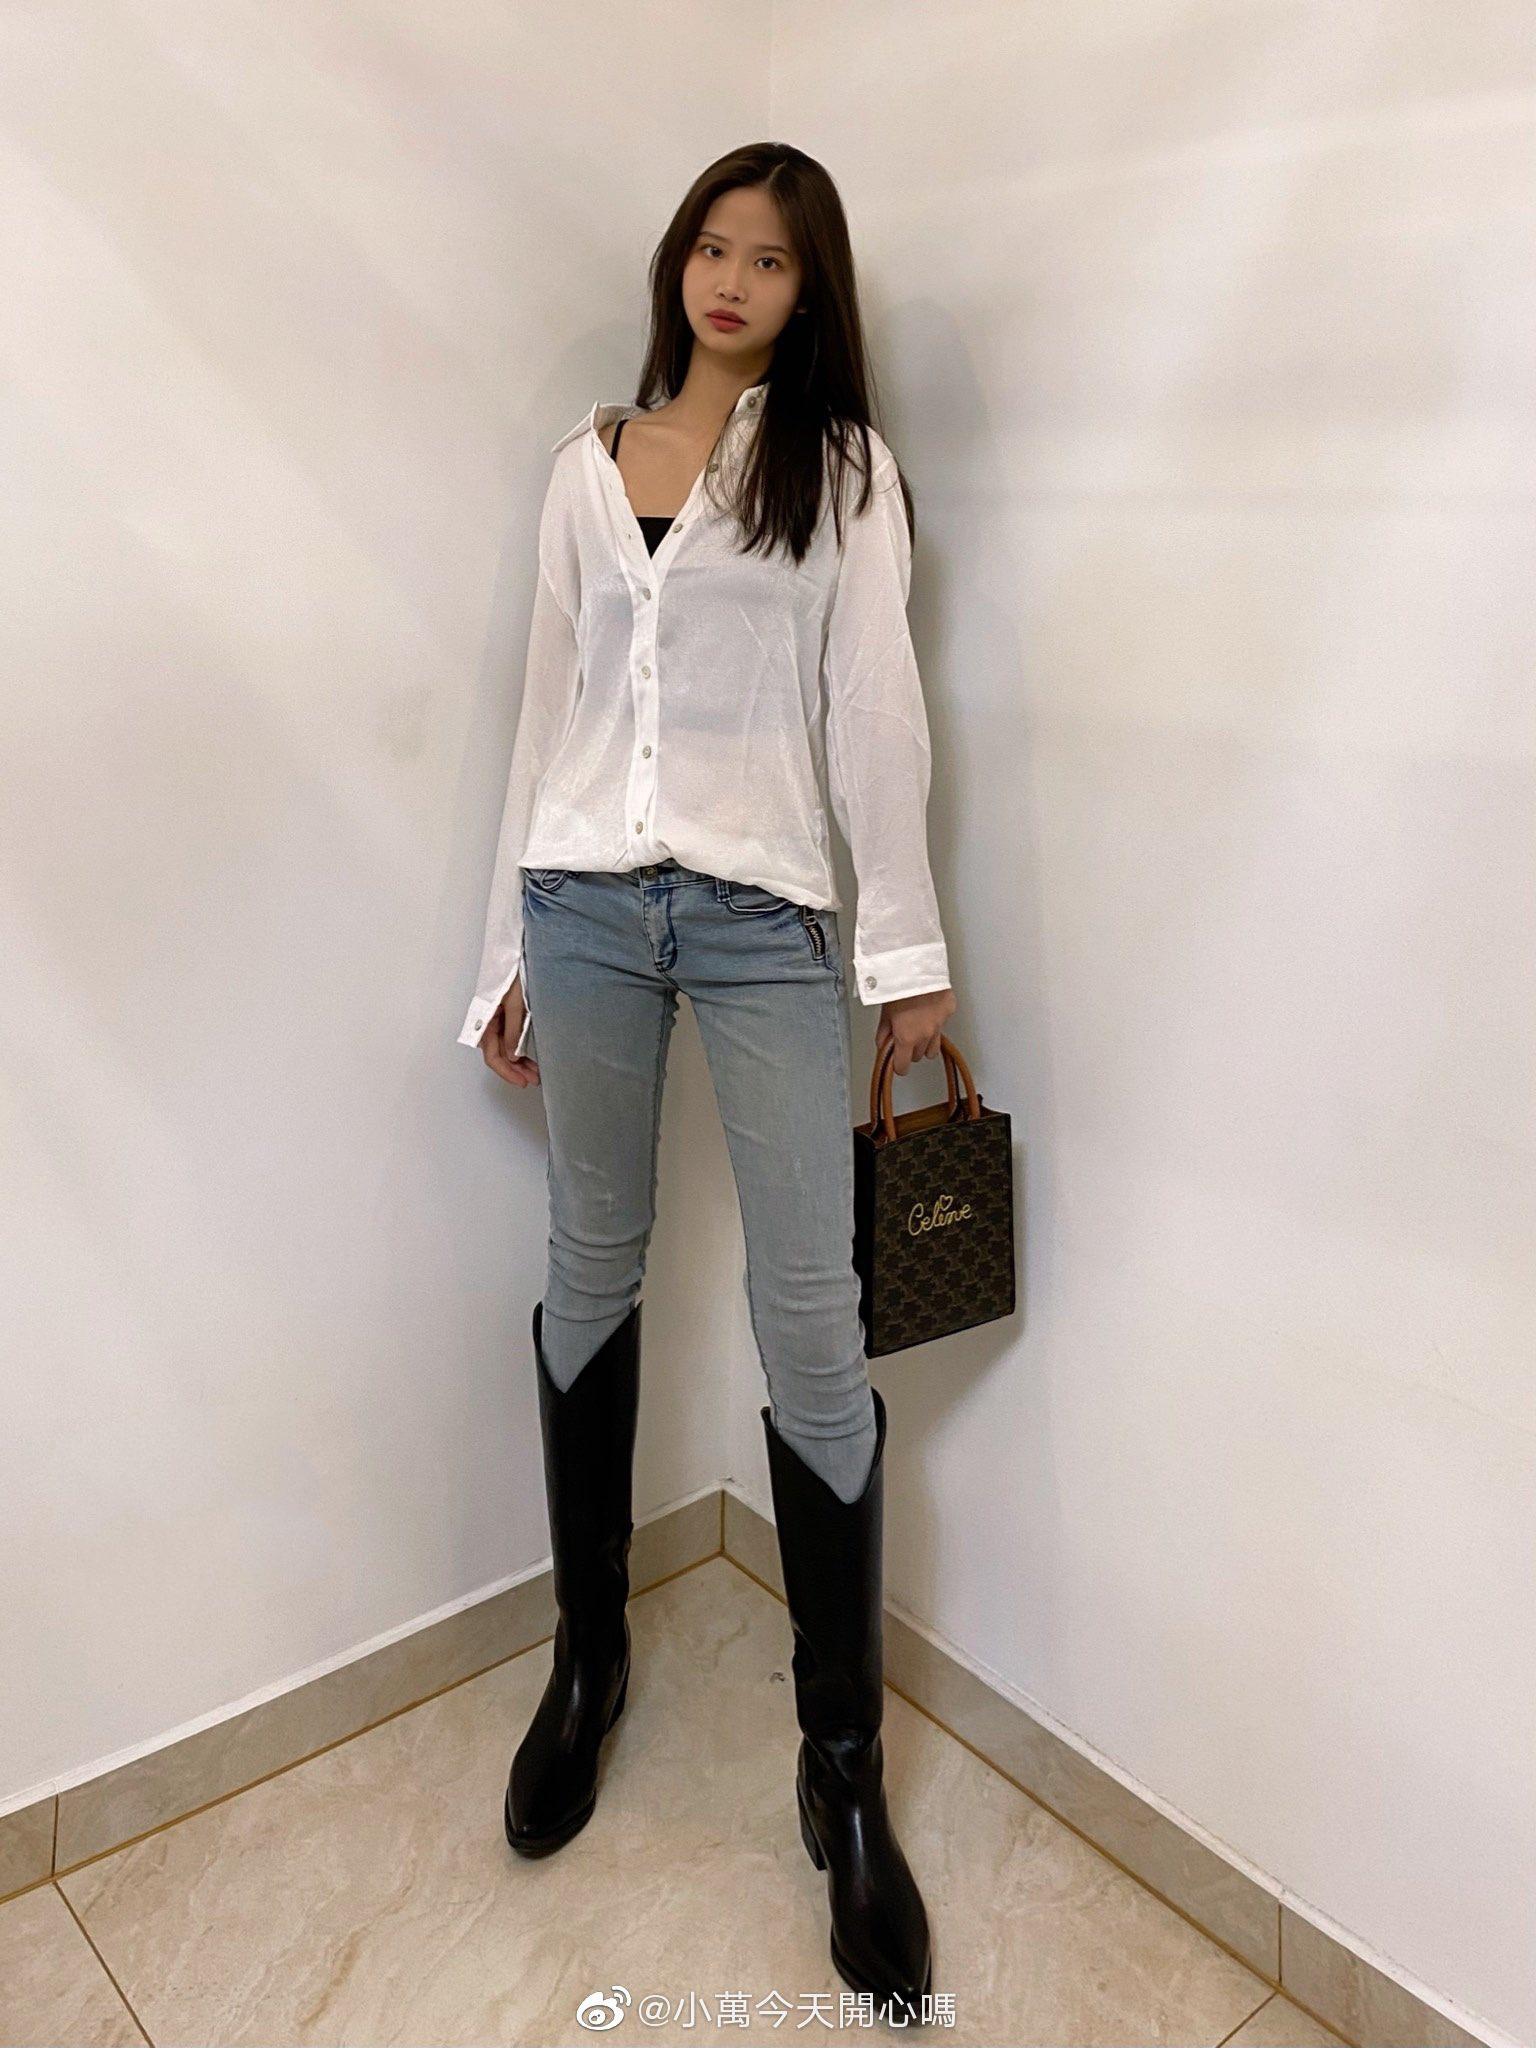 Nể fan của Lisa: Chốt đơn liên tục, mua cả tá đồ Celine mừng idol thành đại sứ toàn cầu - Ảnh 7.